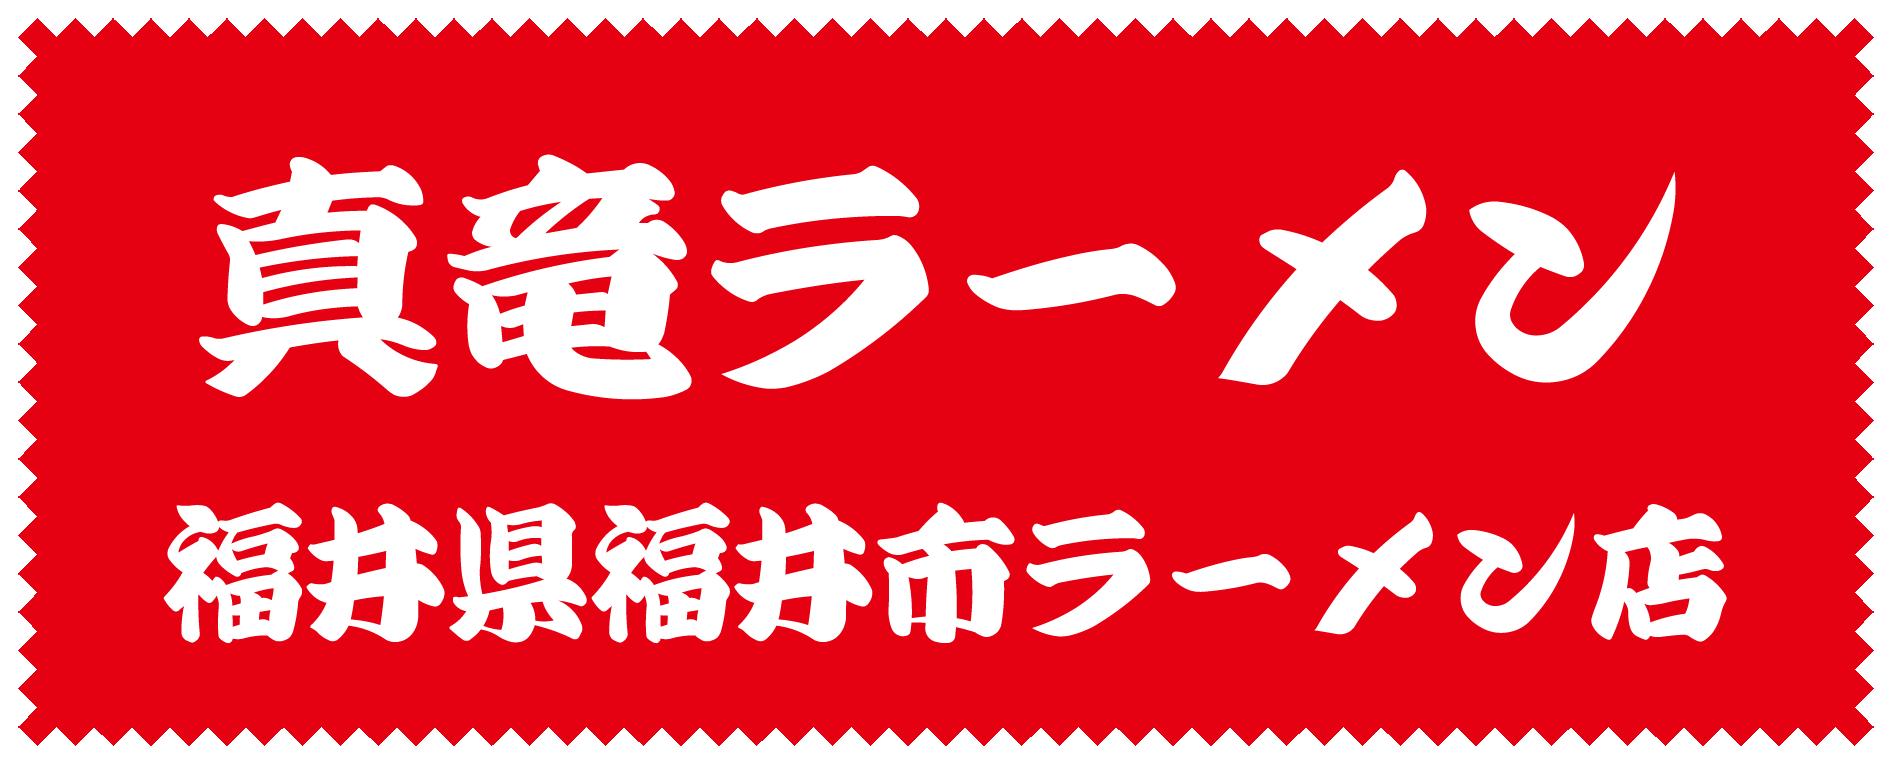 真竜ラーメン_ロゴ